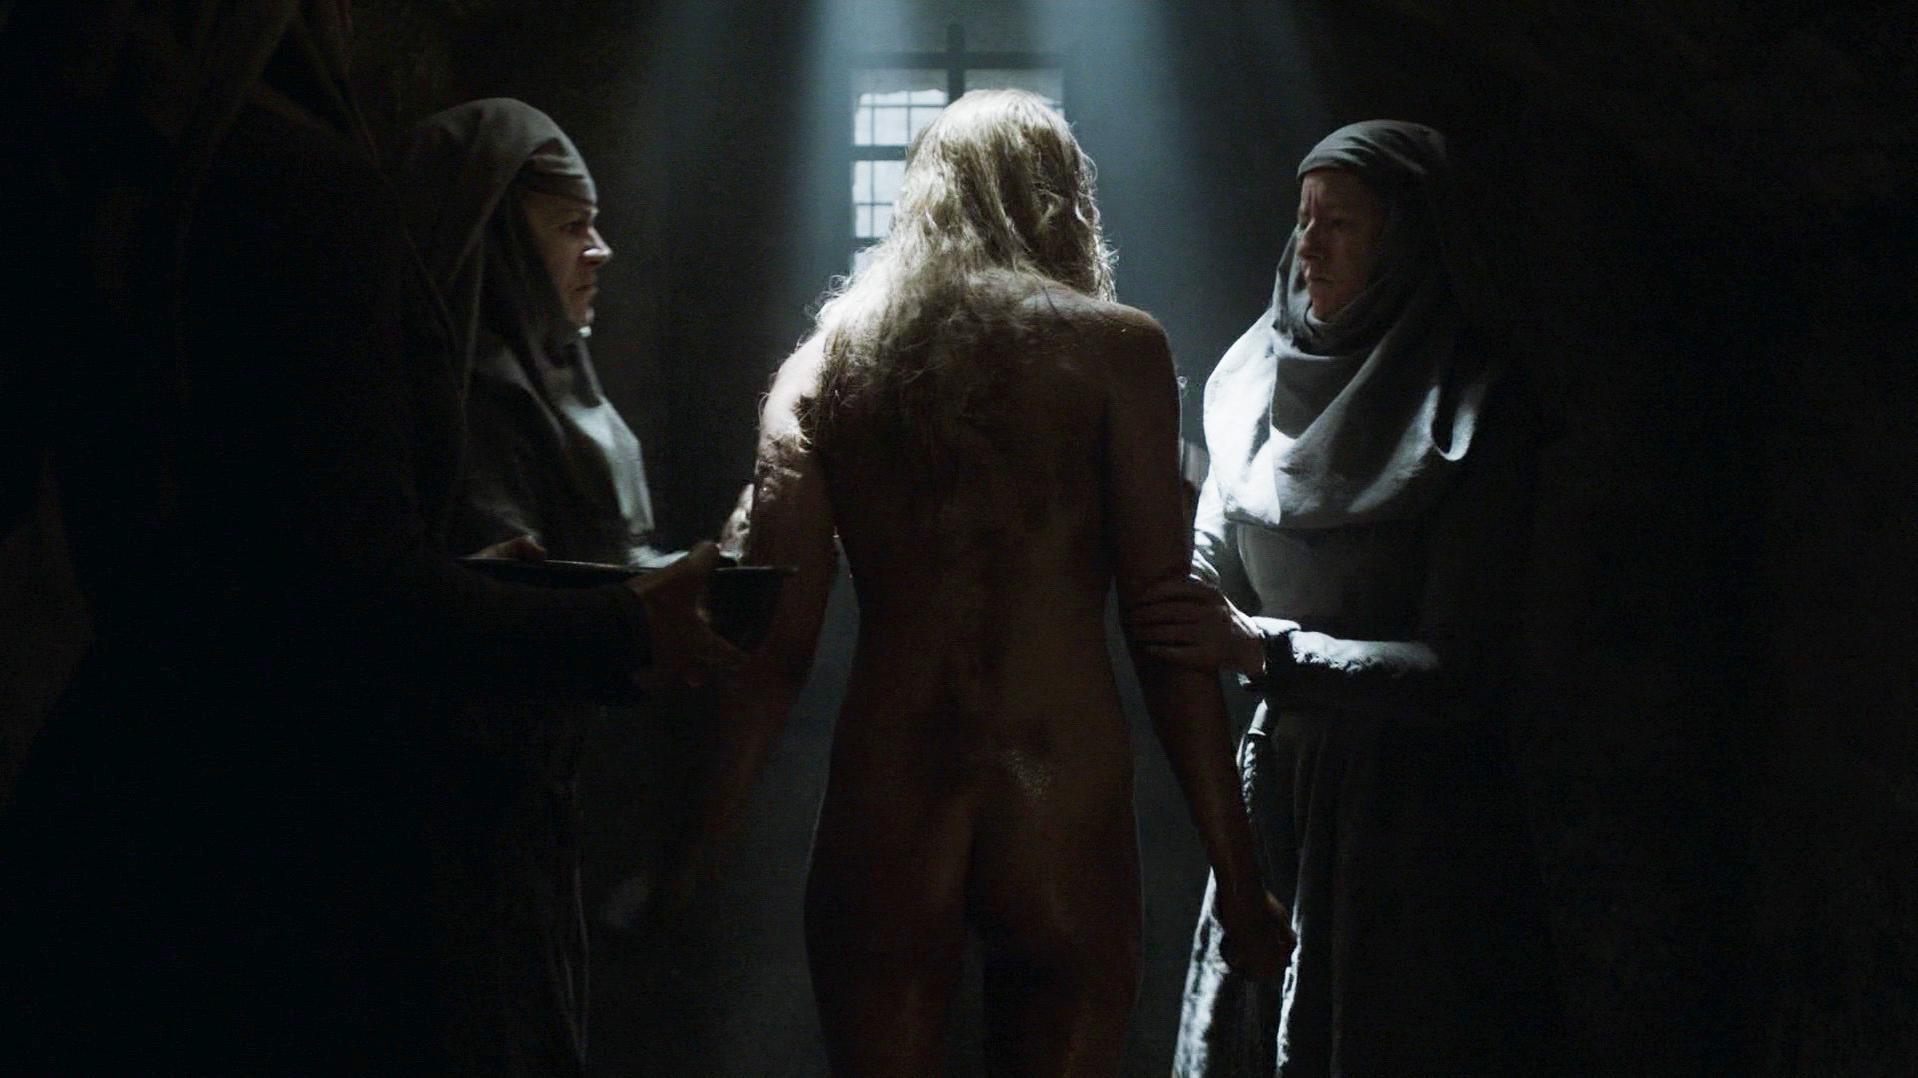 Lena Headey sexy - Game of Thrones s05e10 (2015)